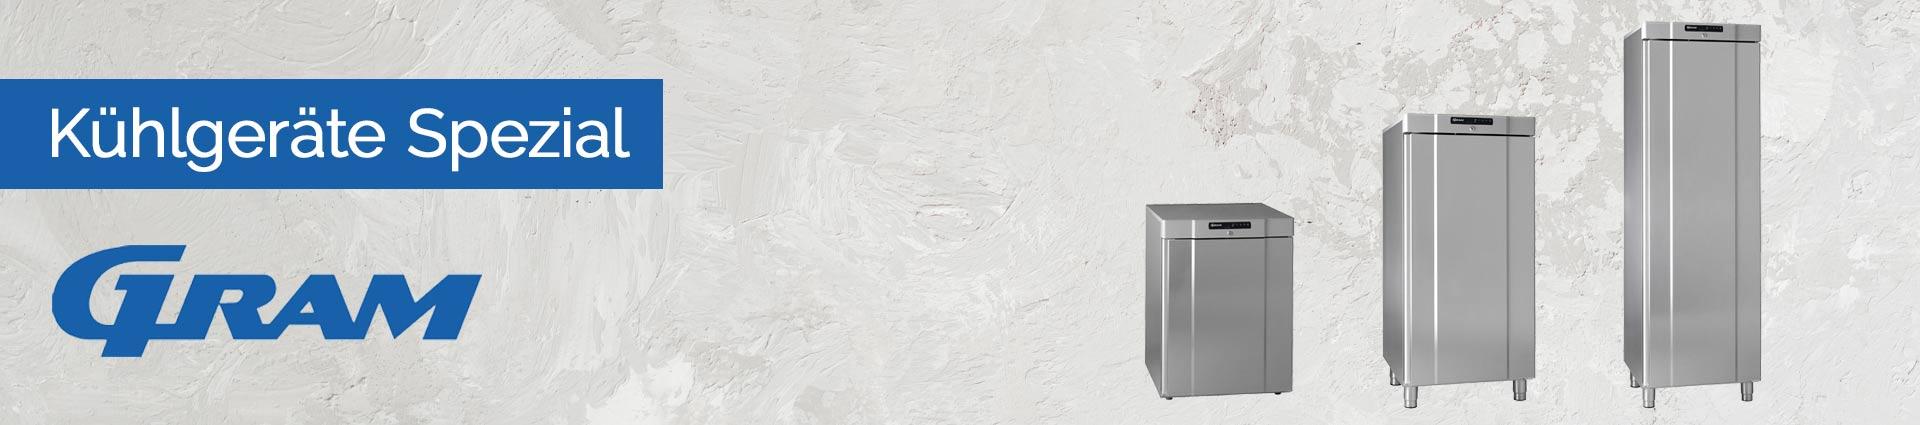 GRAM Kühlgeräte Spezial Banner